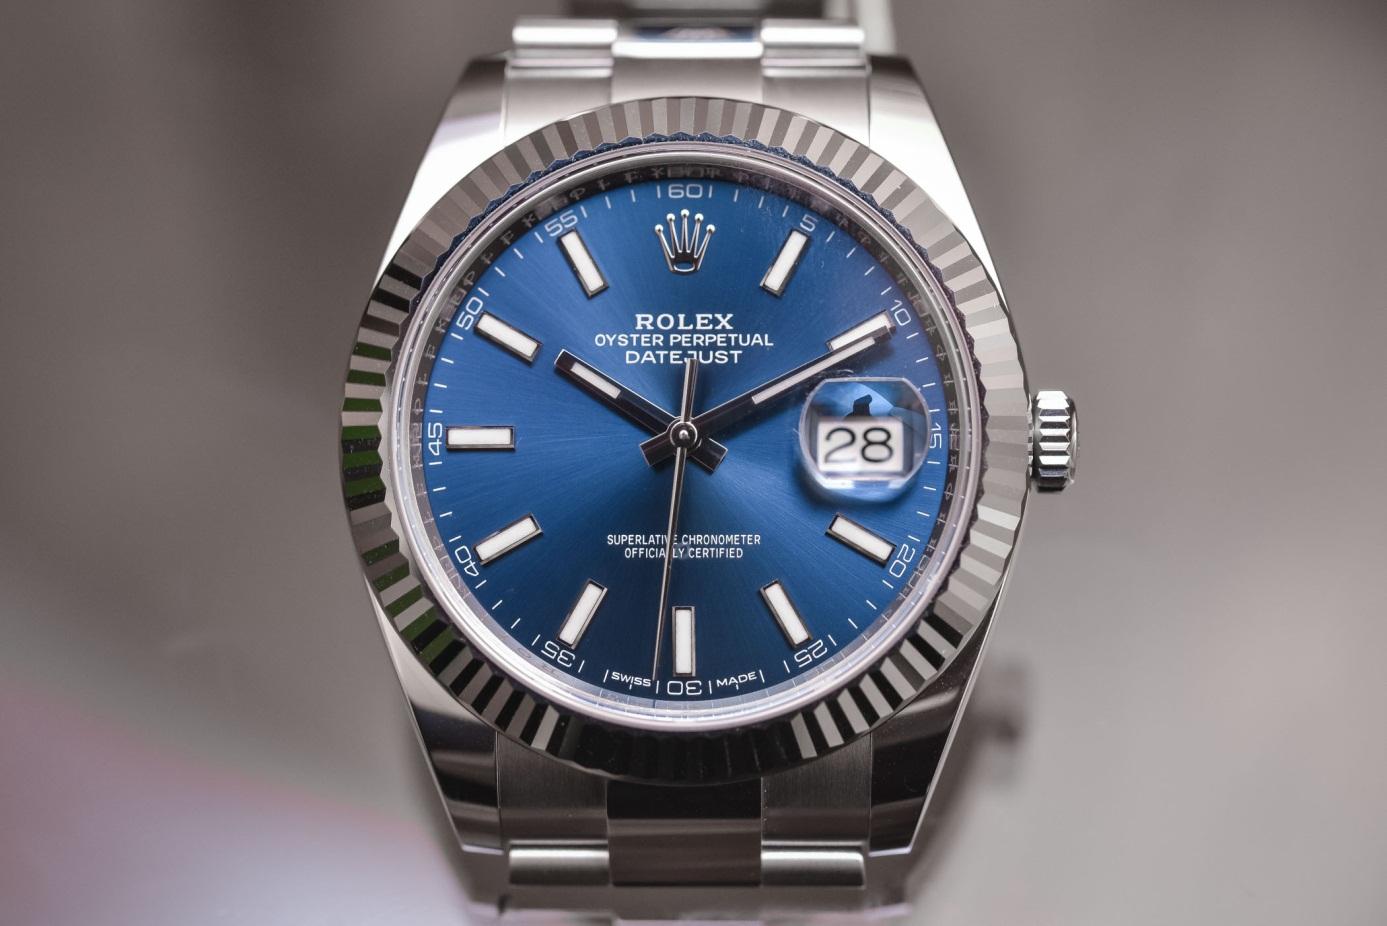 Đồng hồ Rolex Datejust 41 hiện tại với kính Cyclops qua cửa sổ ngày tháng